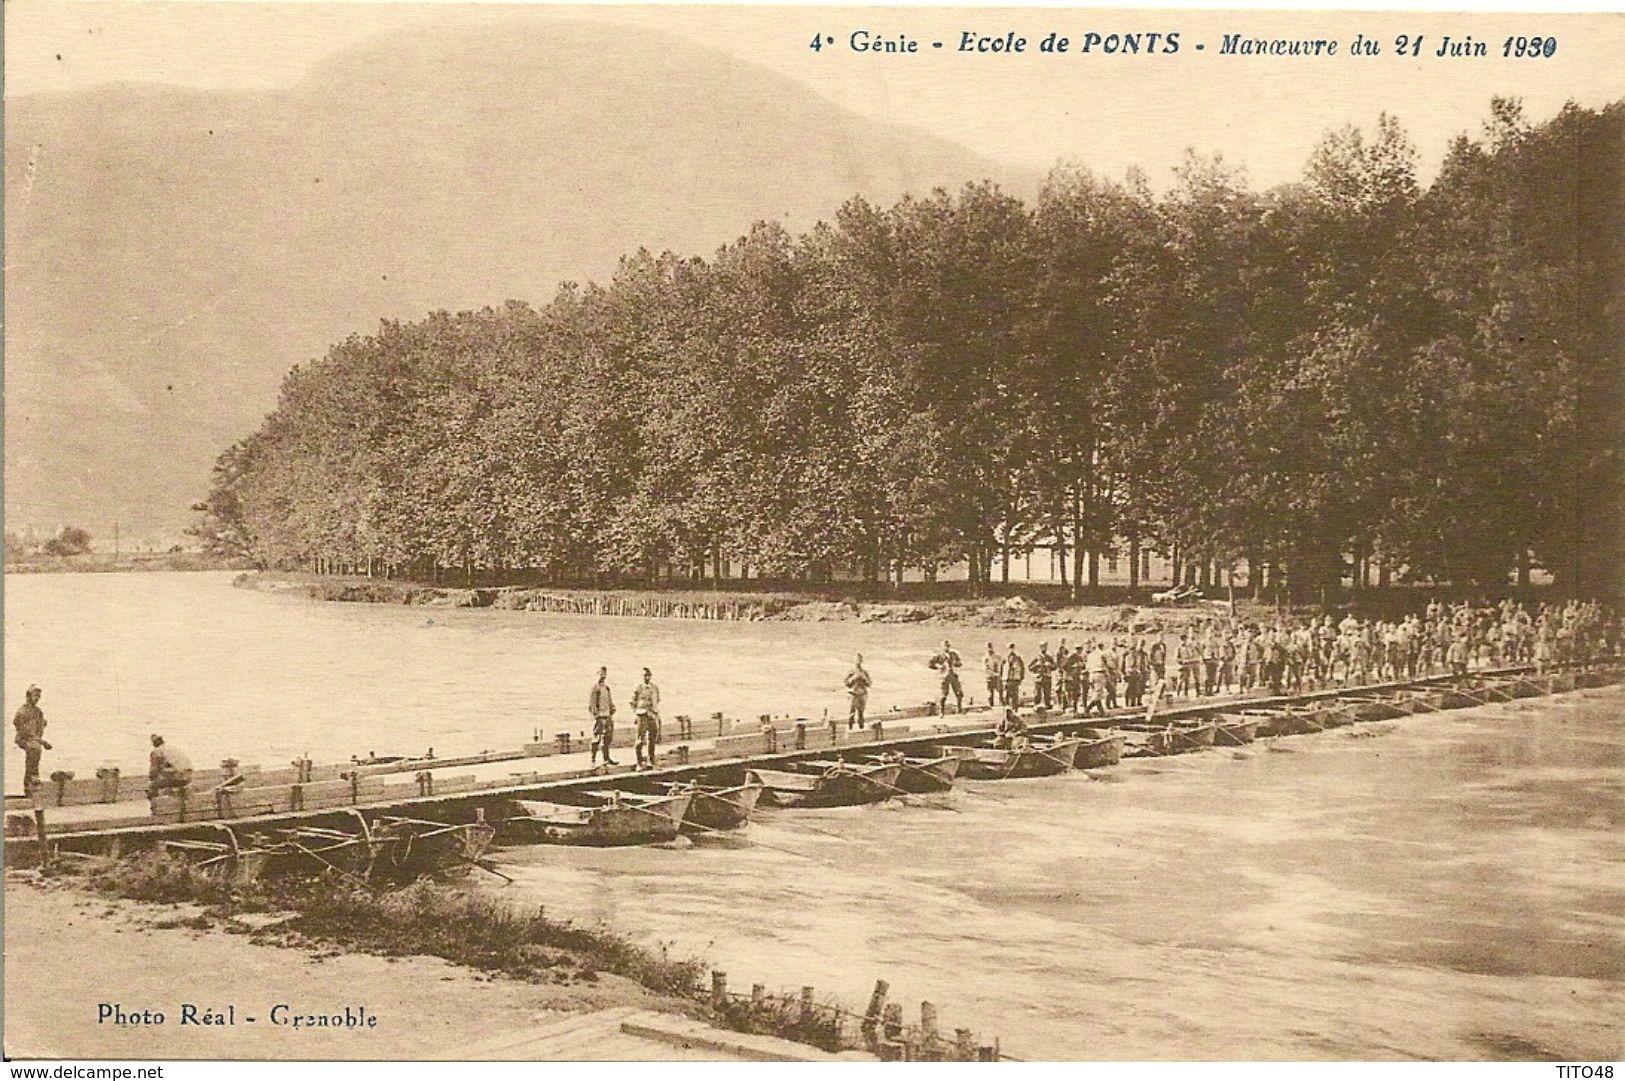 MILITAIRE .Gènie- Ecole De PONTS - Manoeuvre Du 21 Juin 1930 - Grenoble